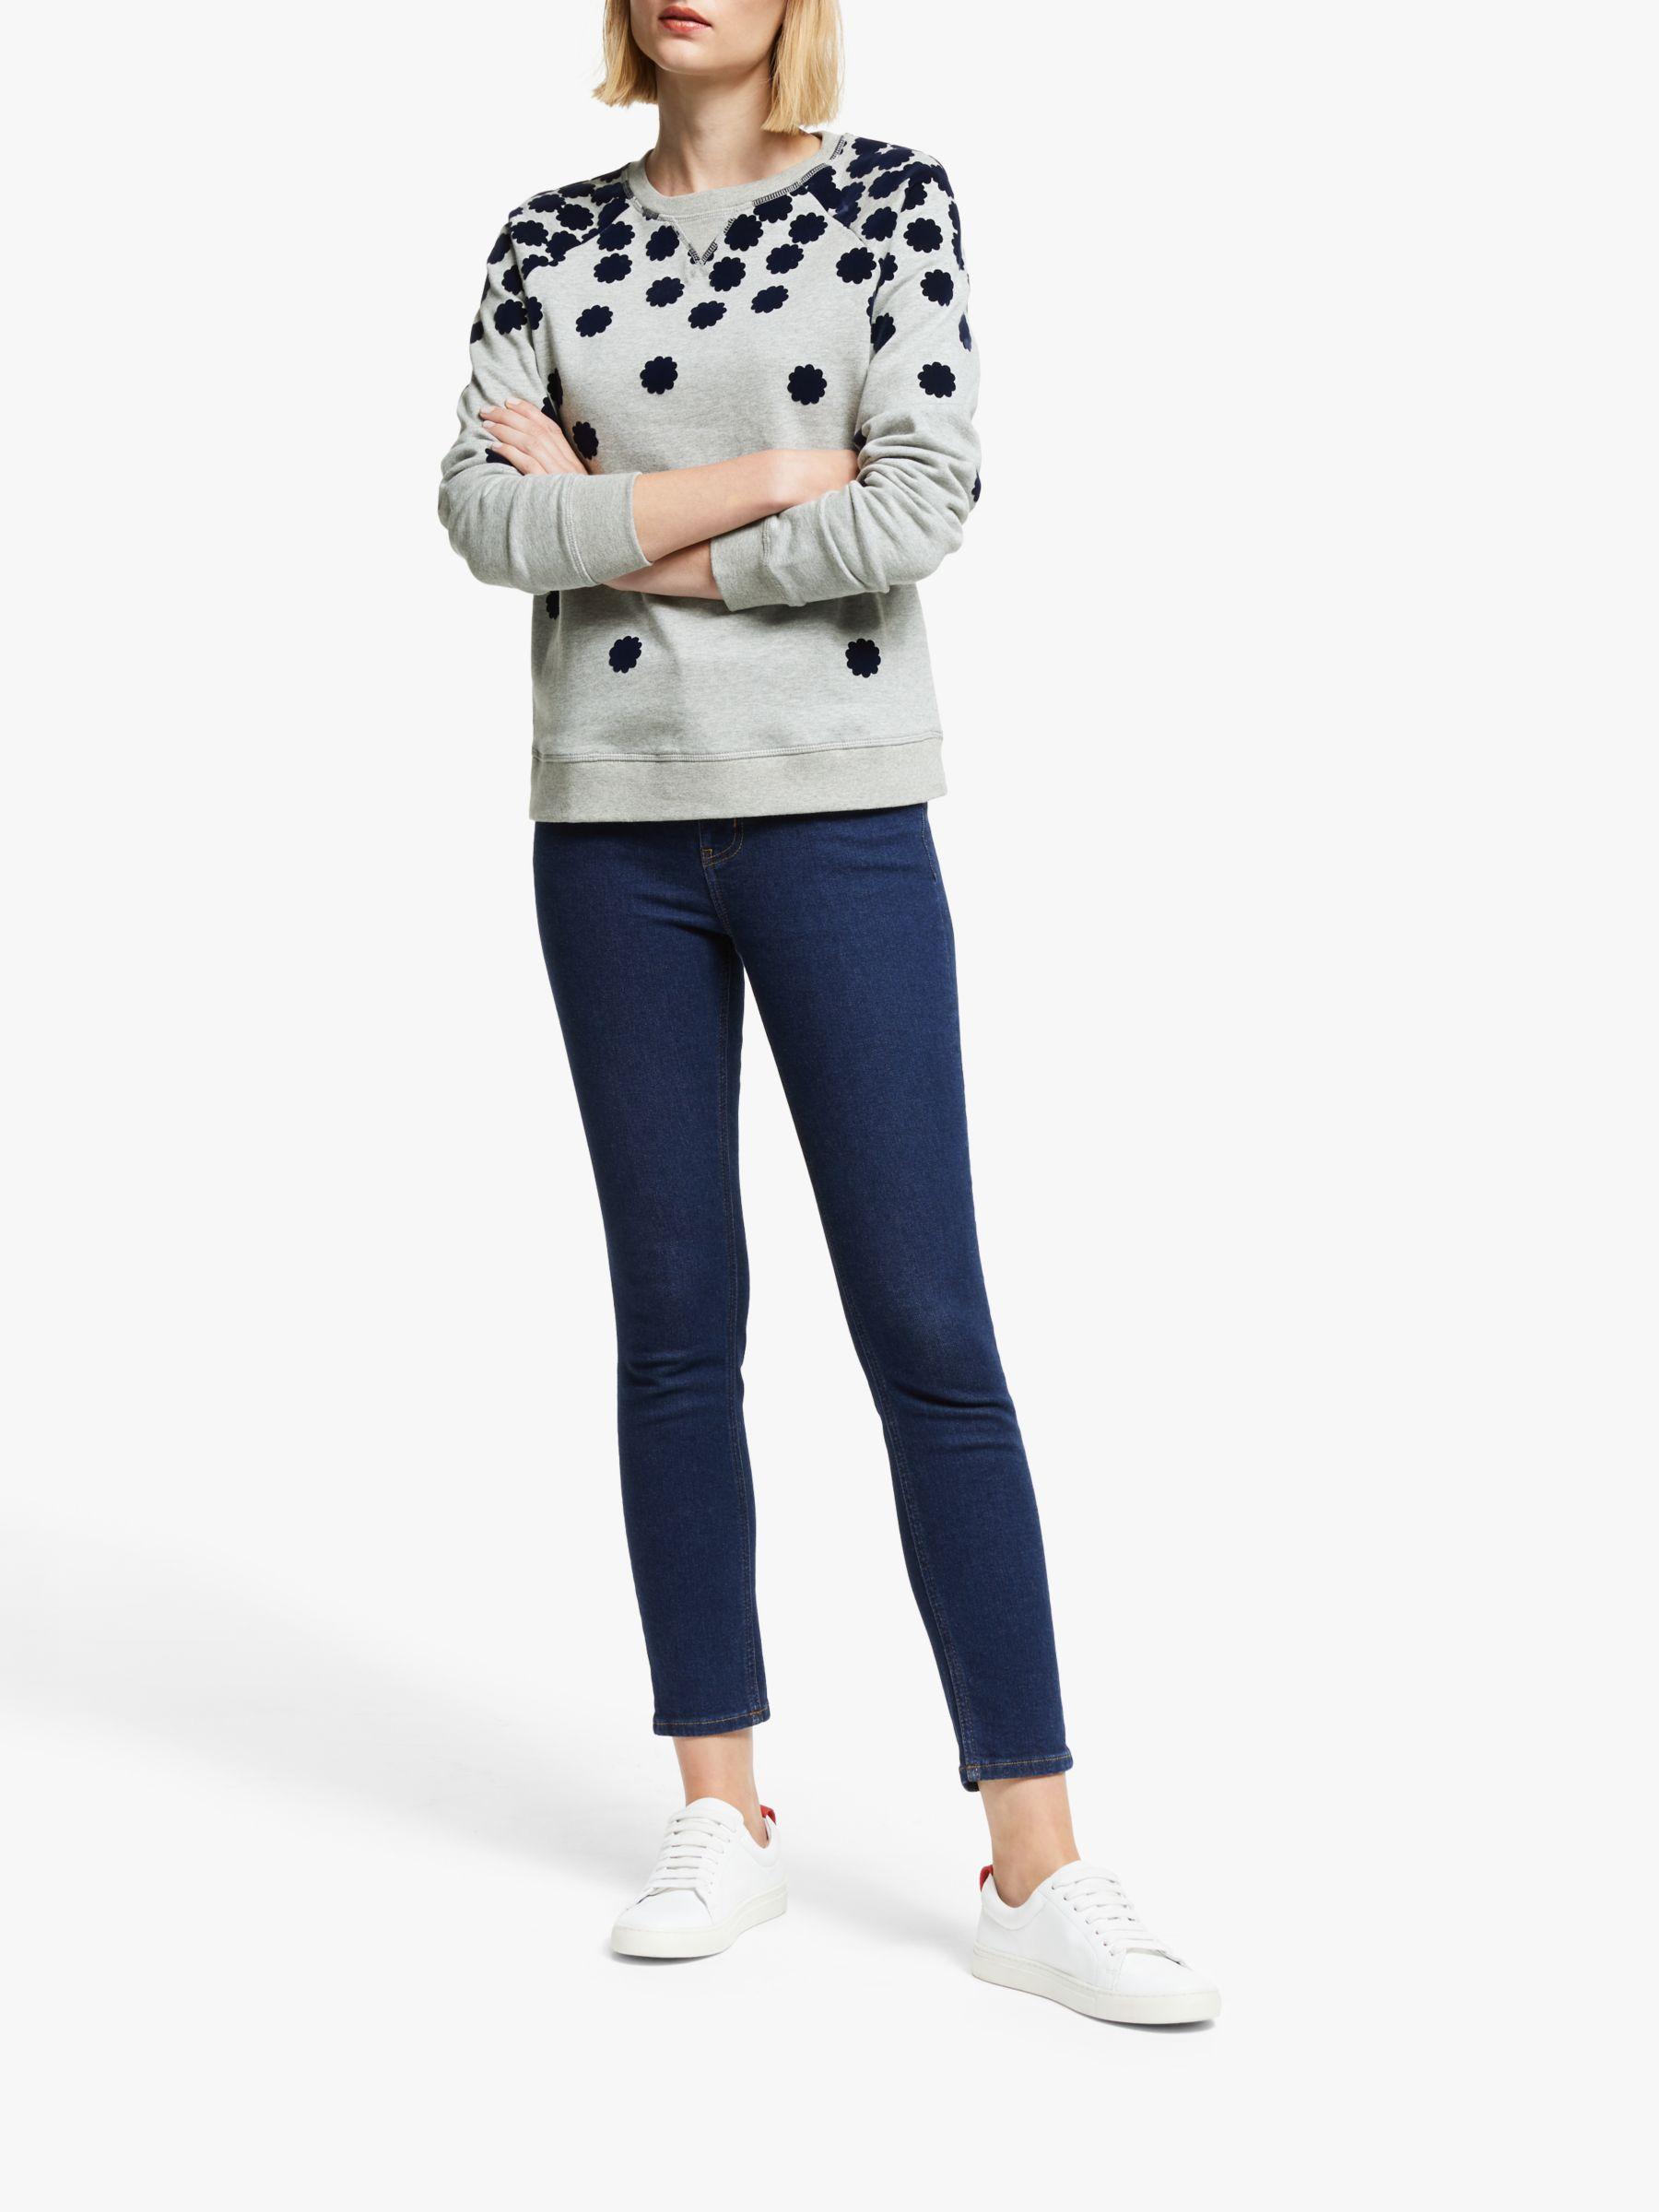 Boden Boden Floral Sweatshirt, Navy Grey Marl